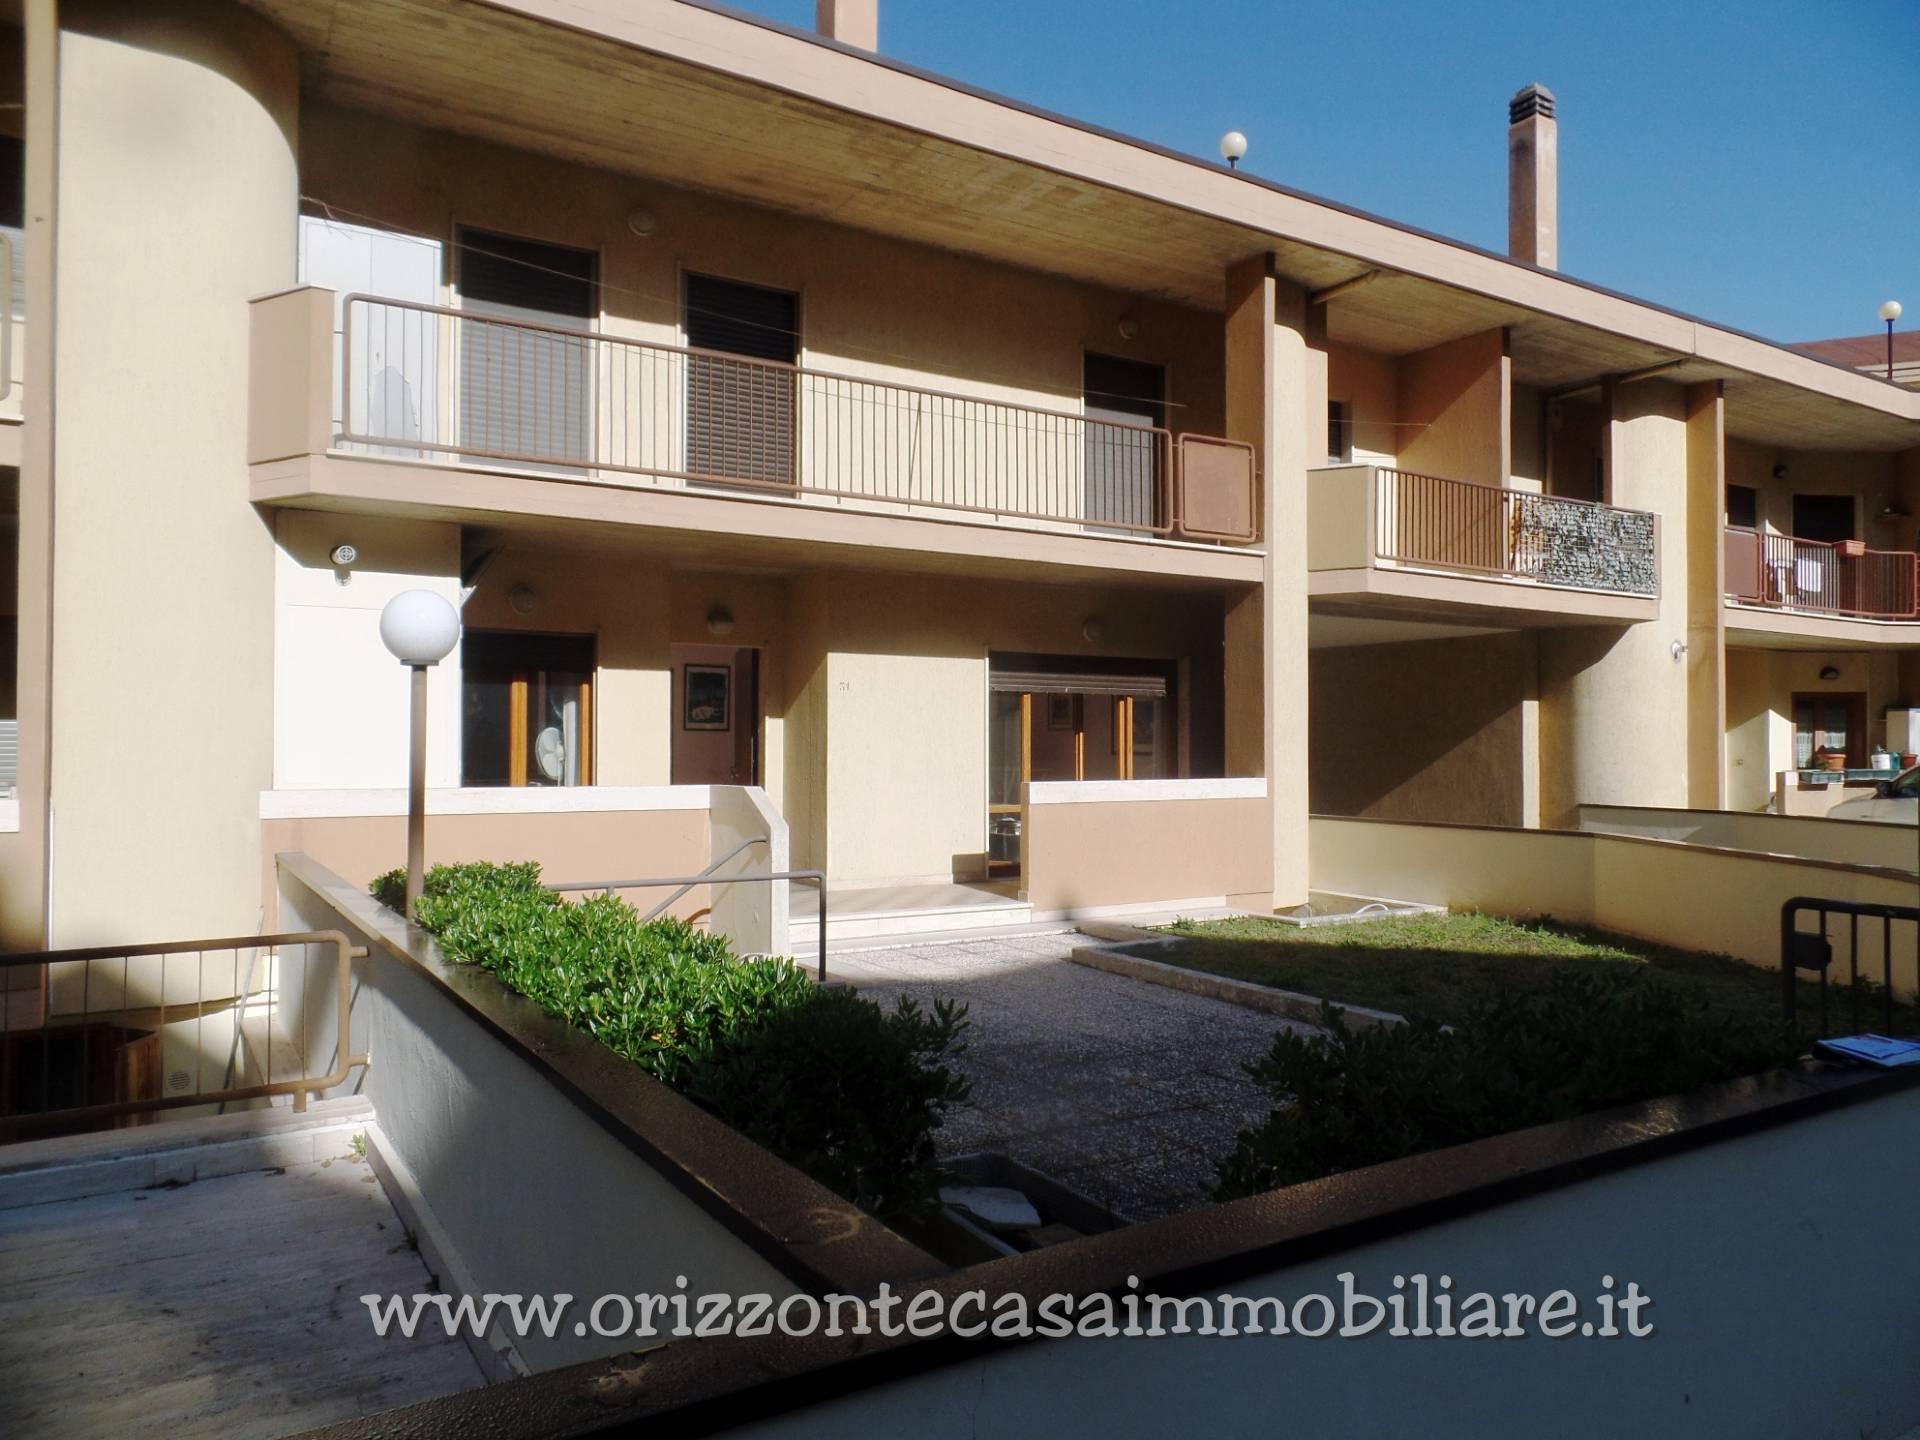 Villa a Schiera in vendita a Folignano, 8 locali, zona Località: VillaPigna, prezzo € 165.000 | CambioCasa.it